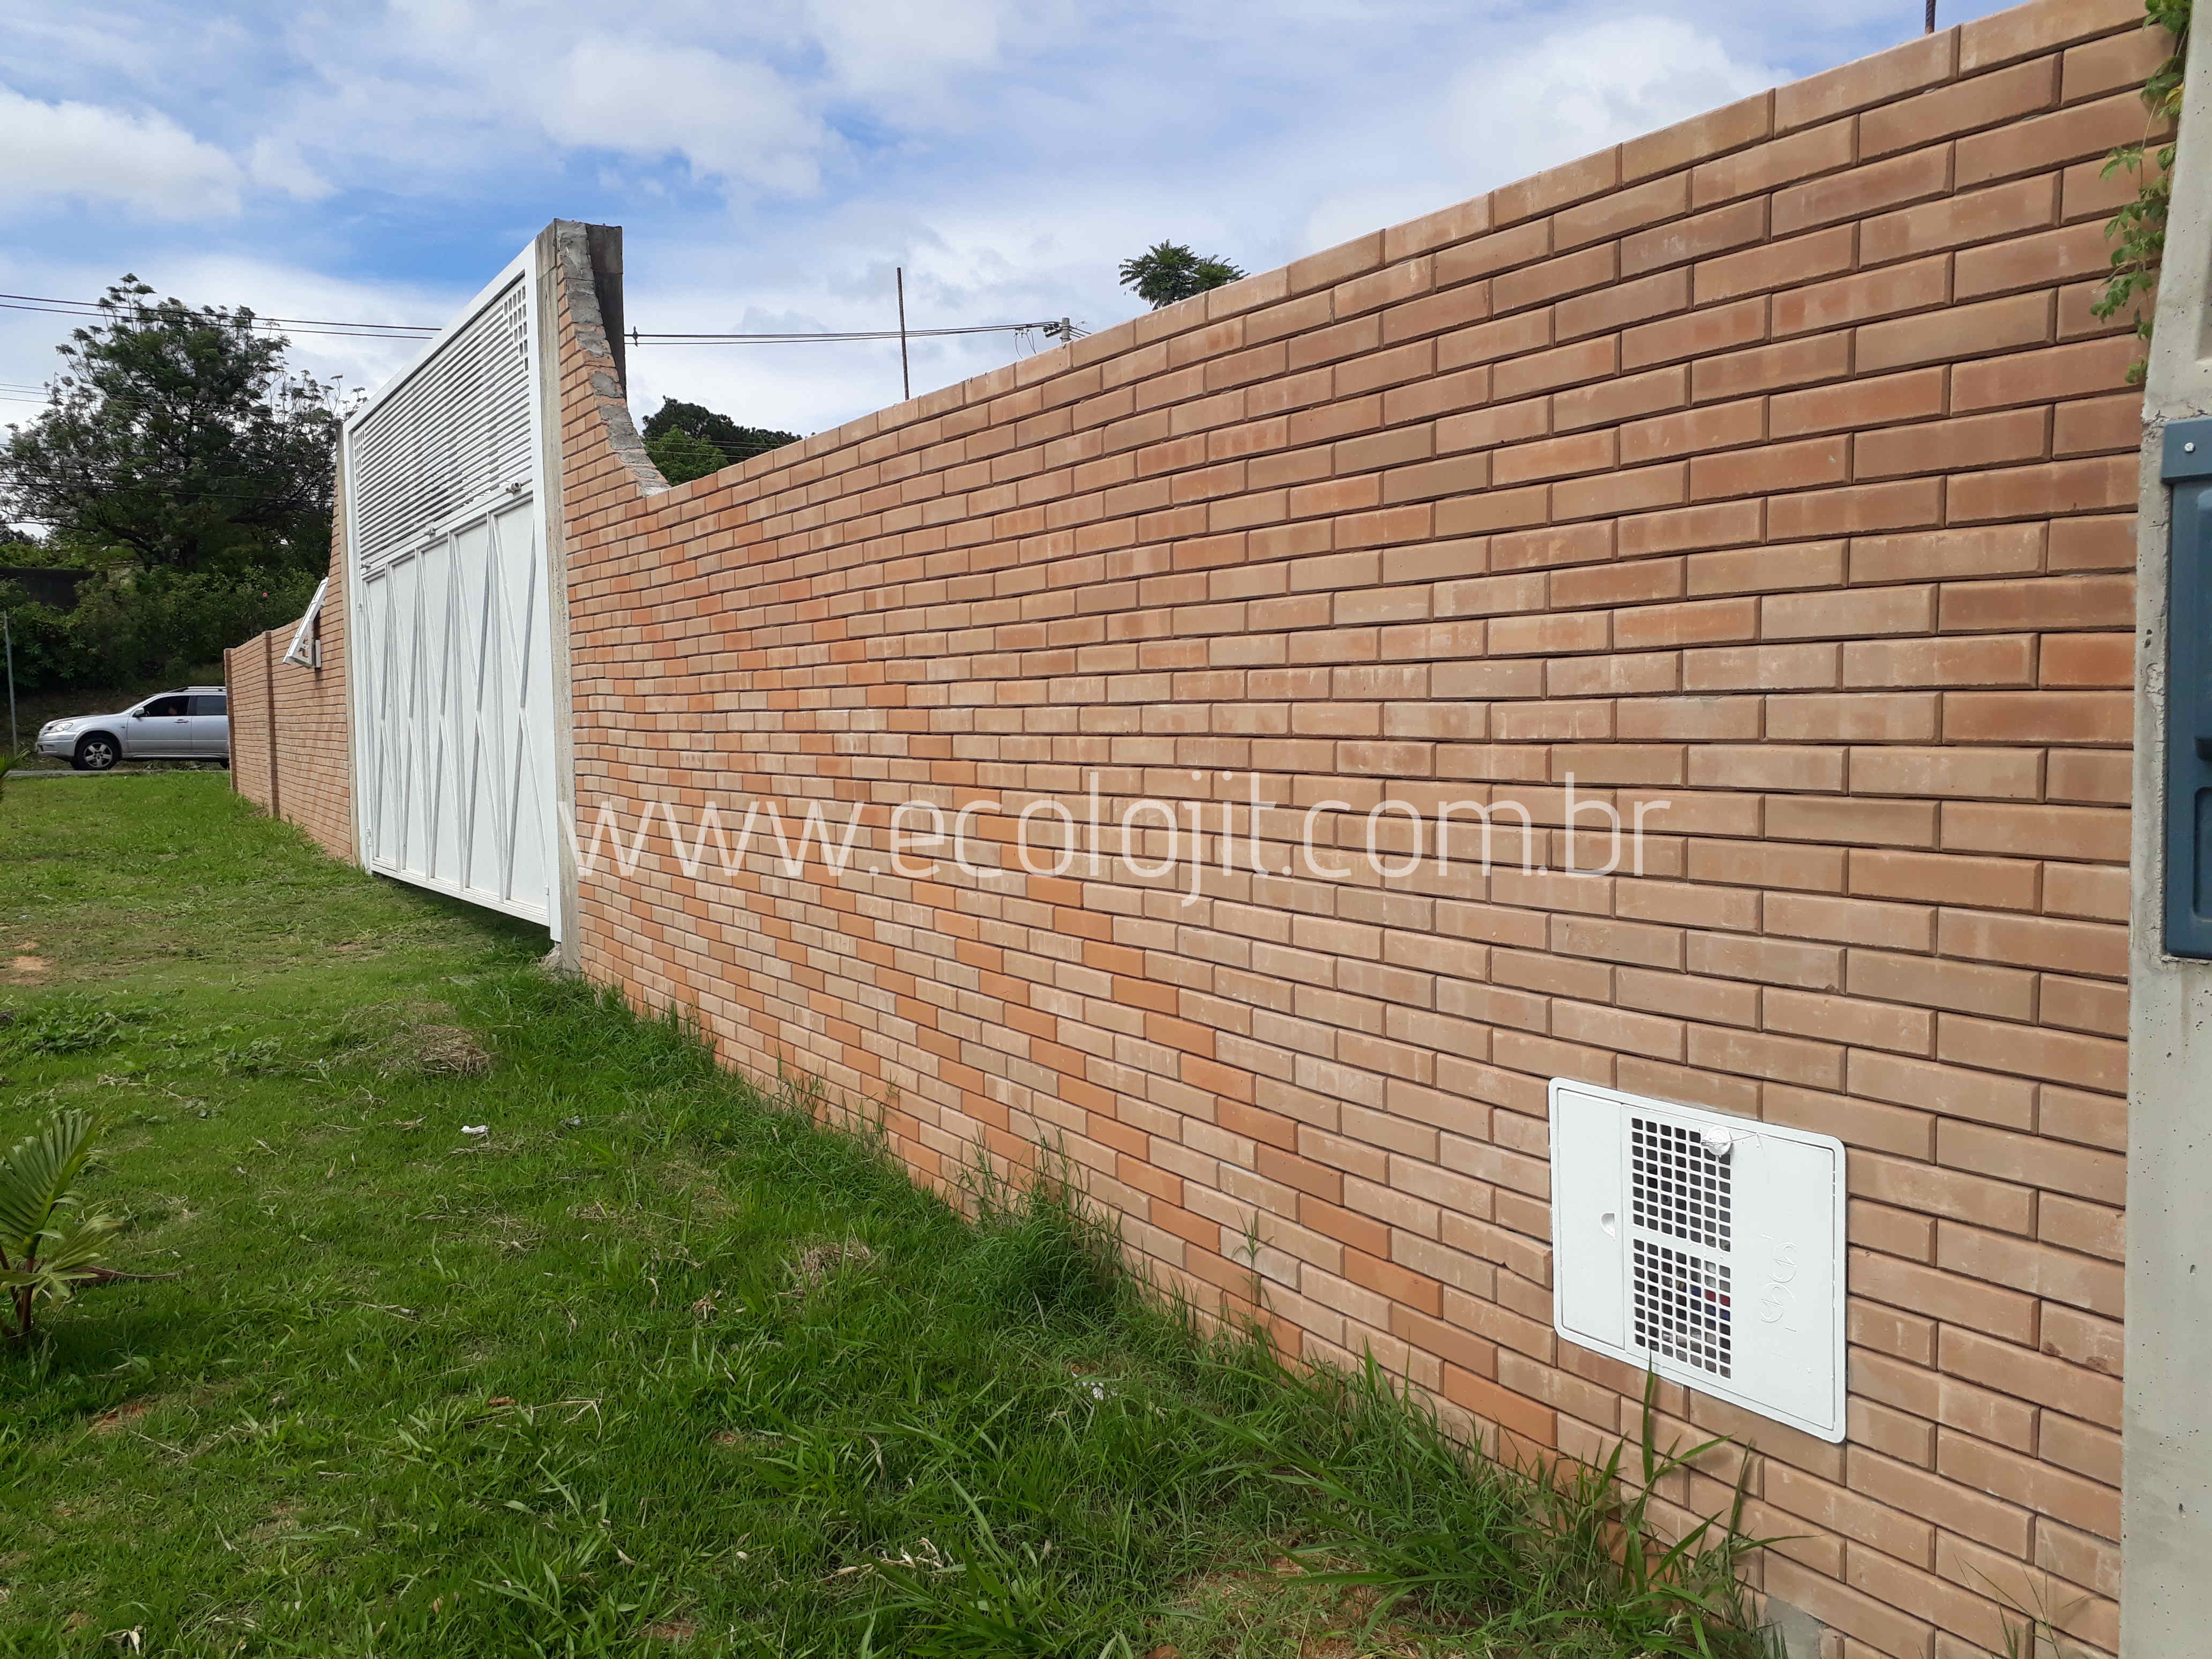 Muro e colunas edificadas com tijolo ecológico à base de solo e cimento.